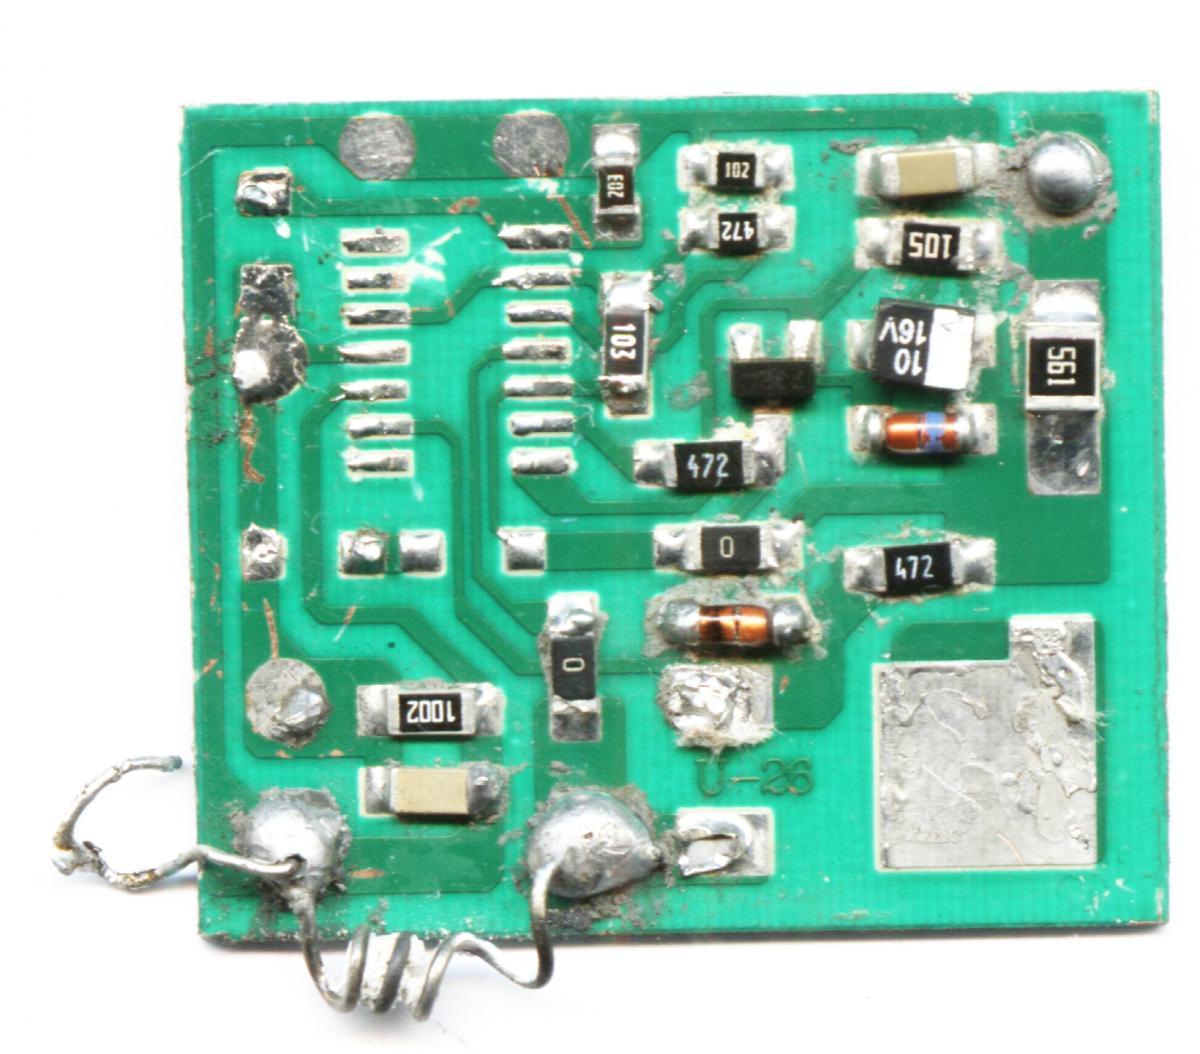 коммутатор 36203734 схема подключения